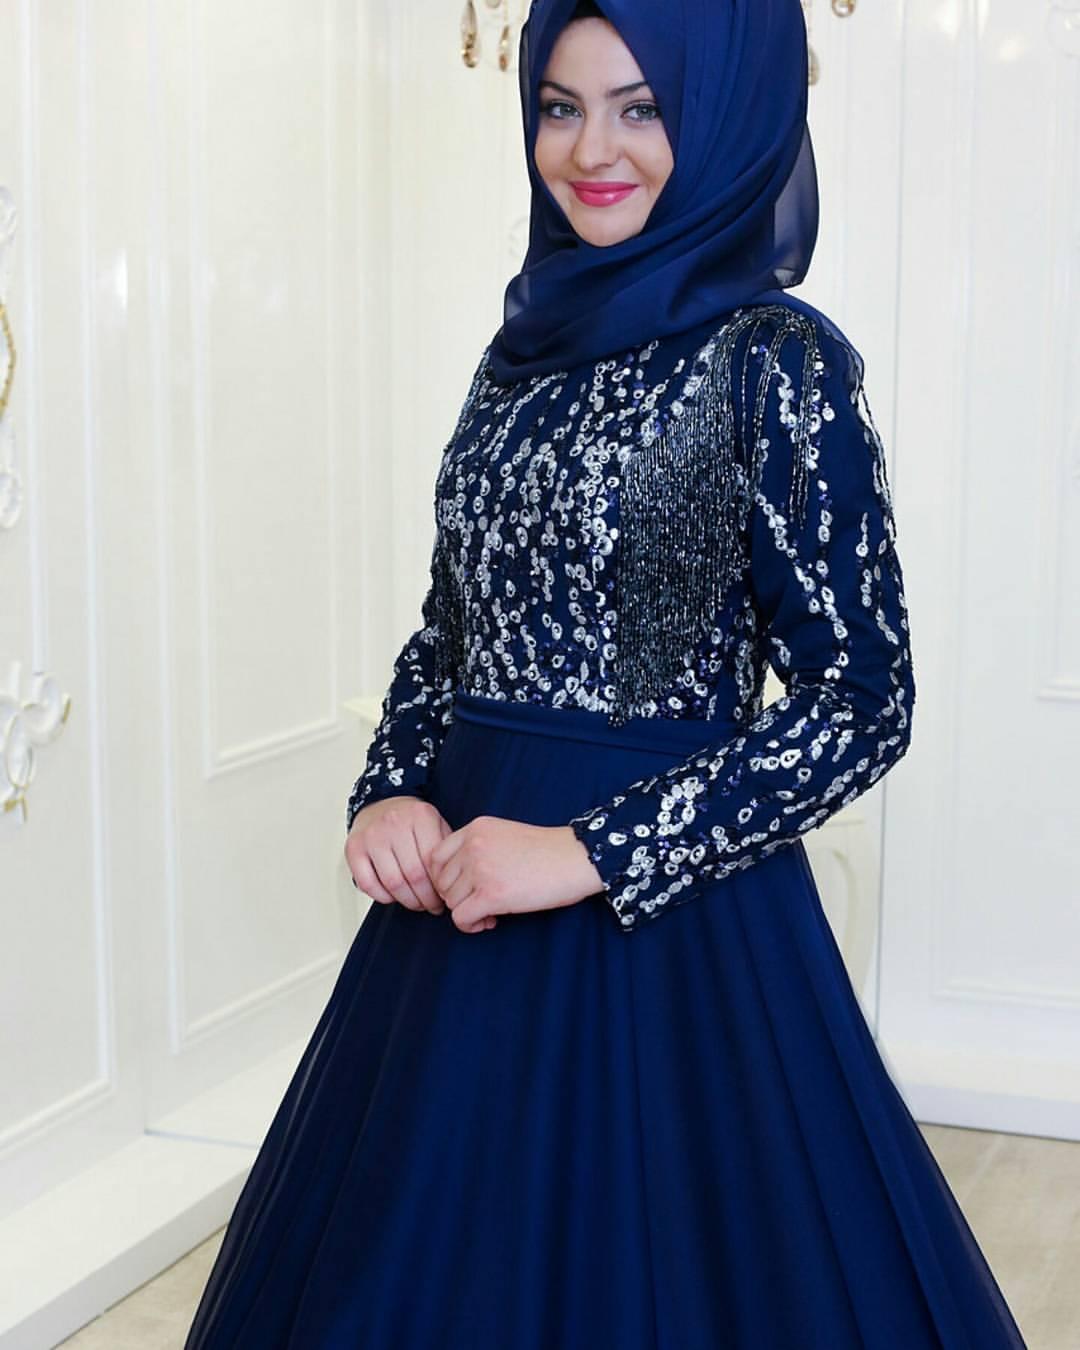 Pinarsems Abiye Modelleri 27 - 2018 Pınar Şems Abiye Modelleri